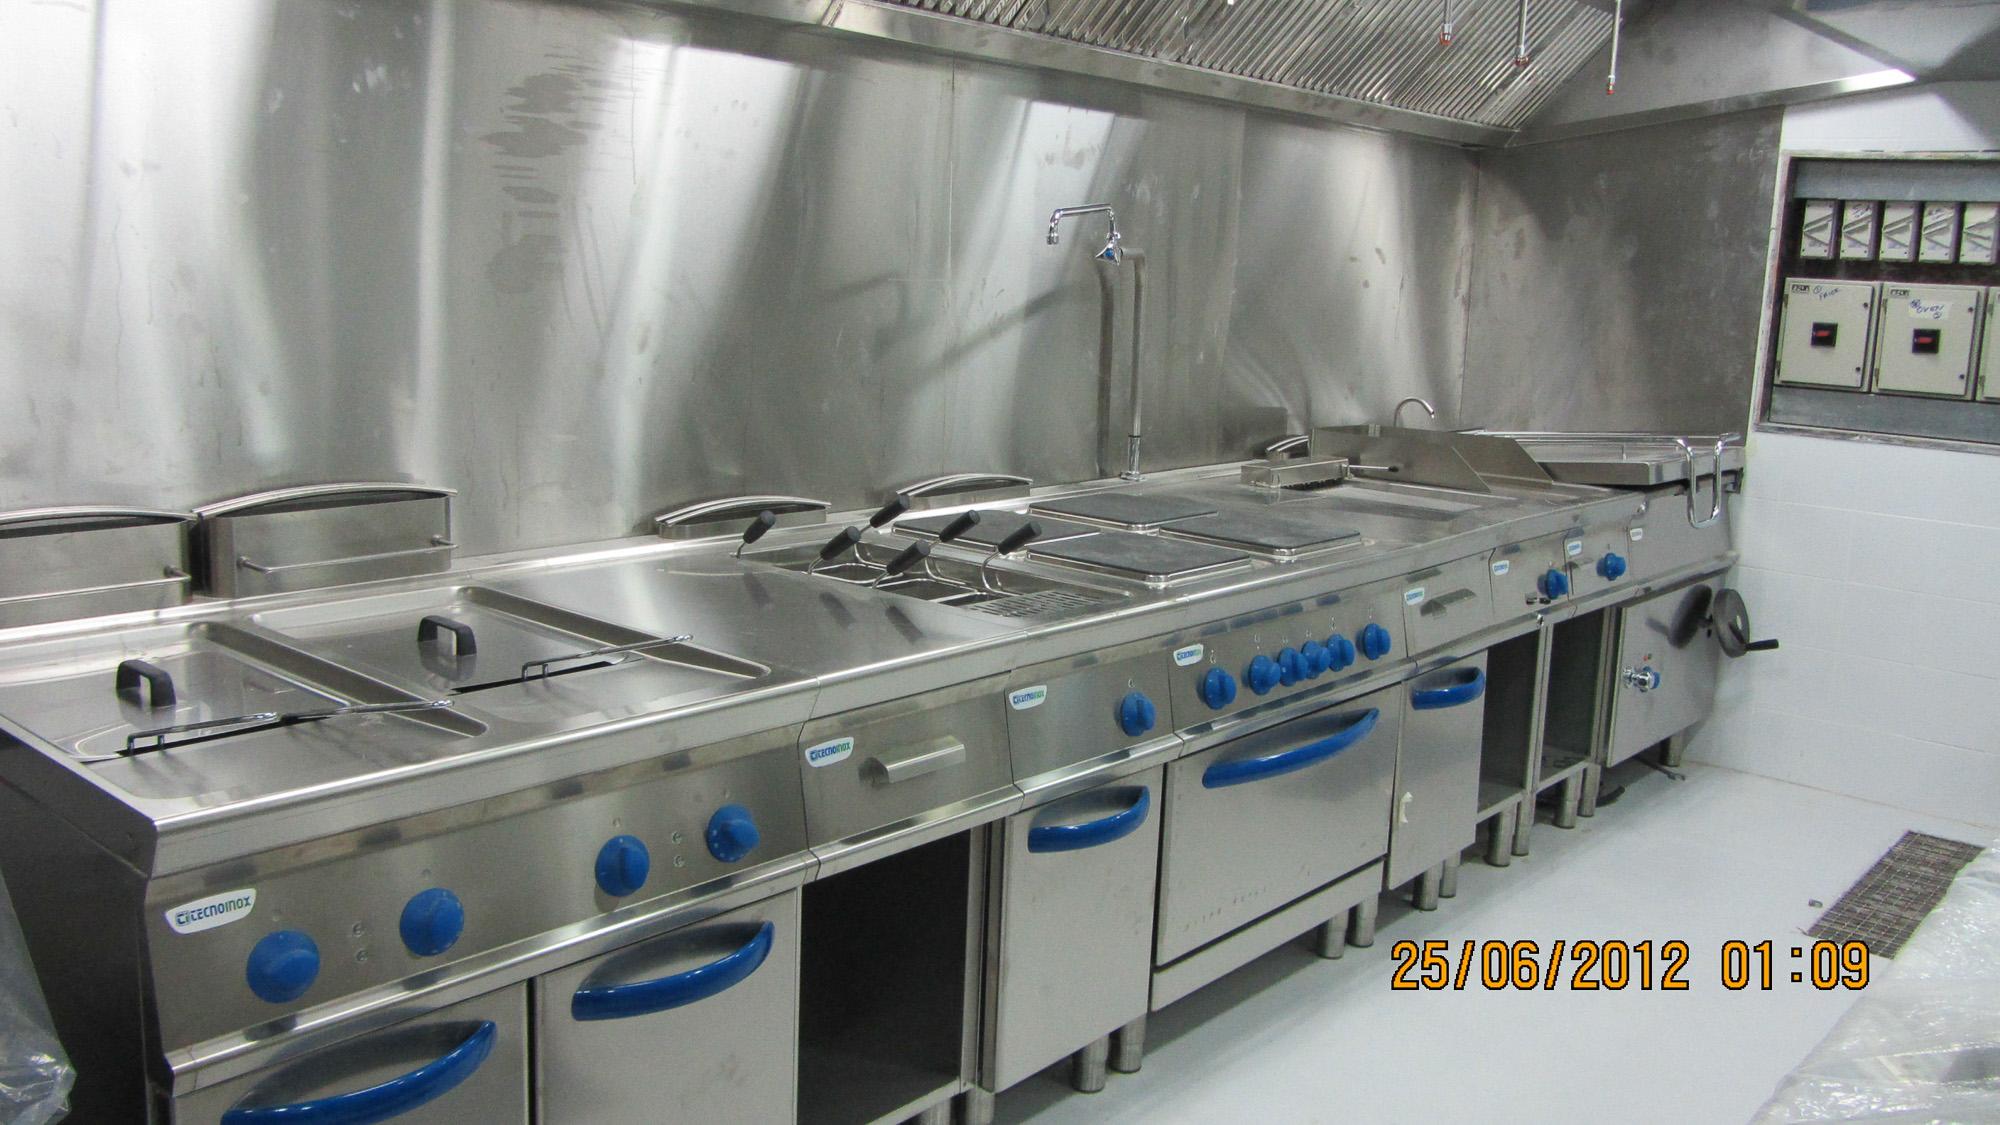 Italia_kitchen_-rotana-2